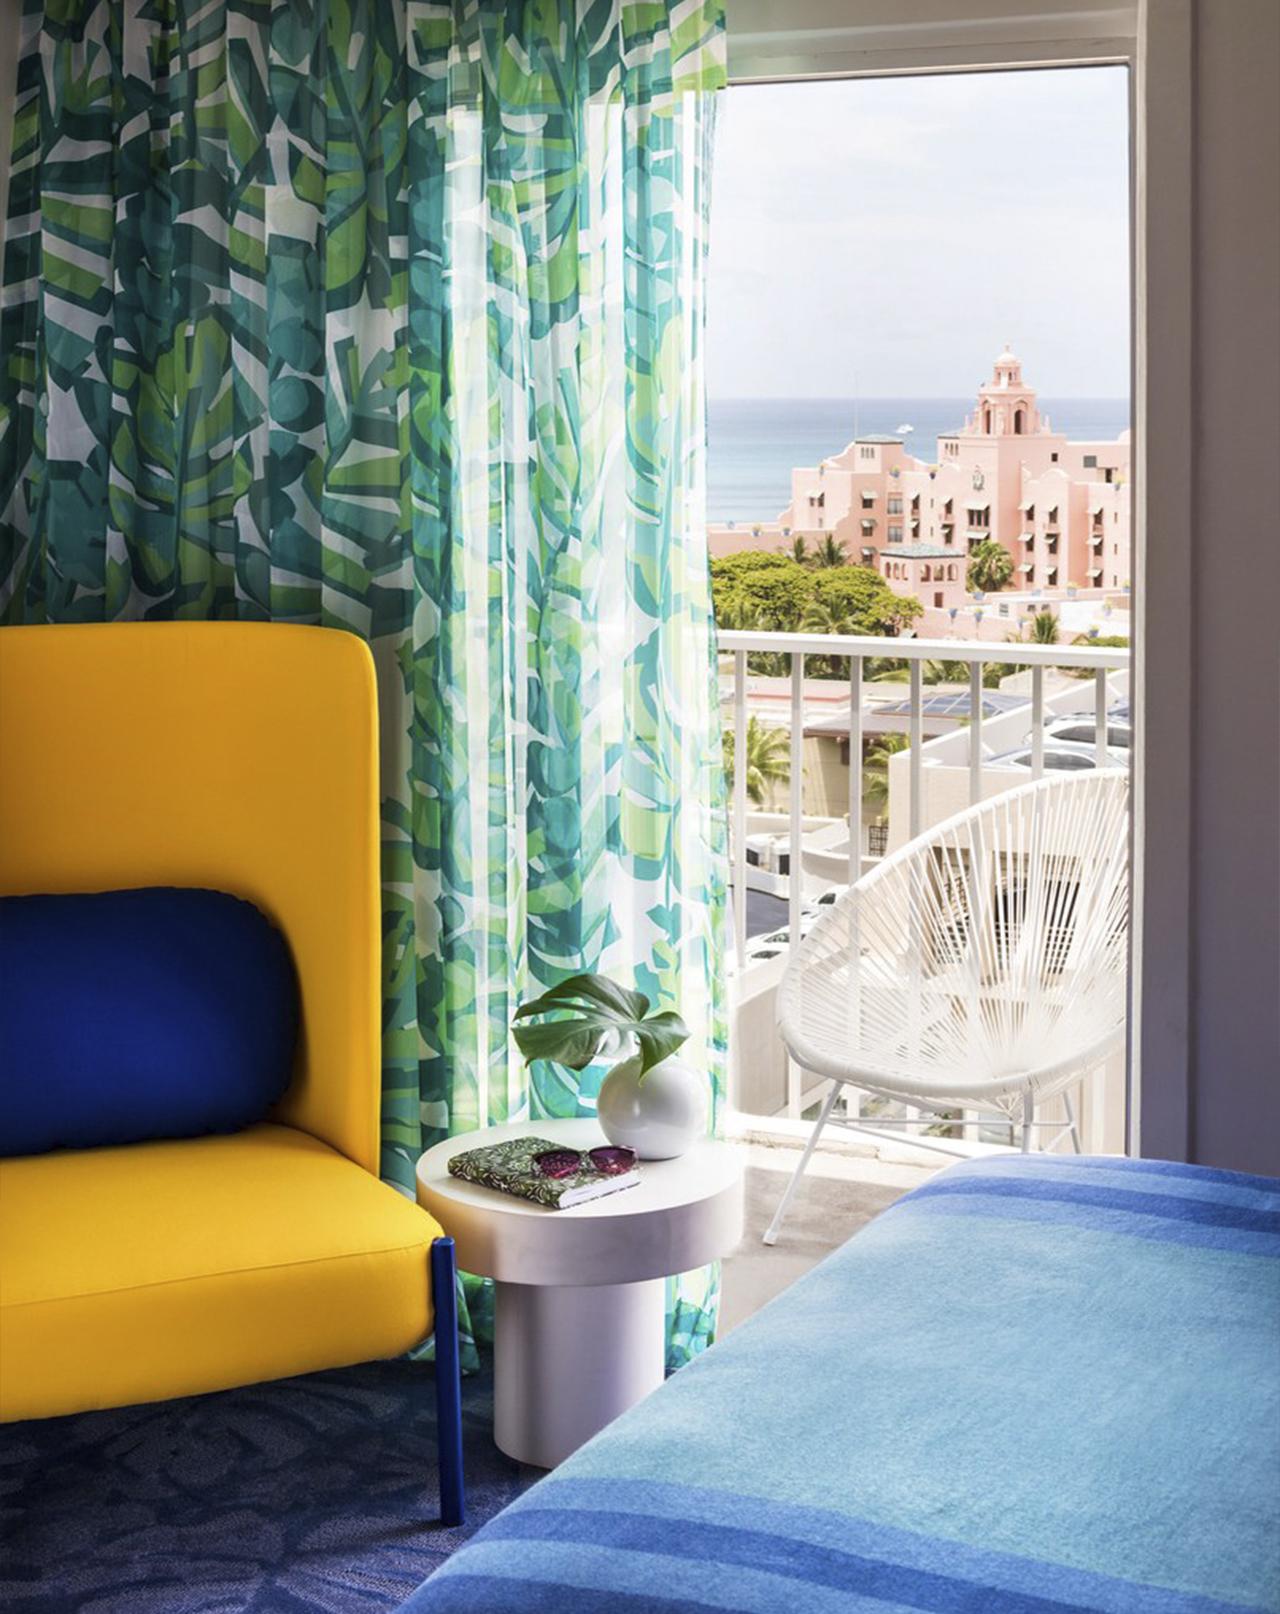 מלון בהוואי כתבה